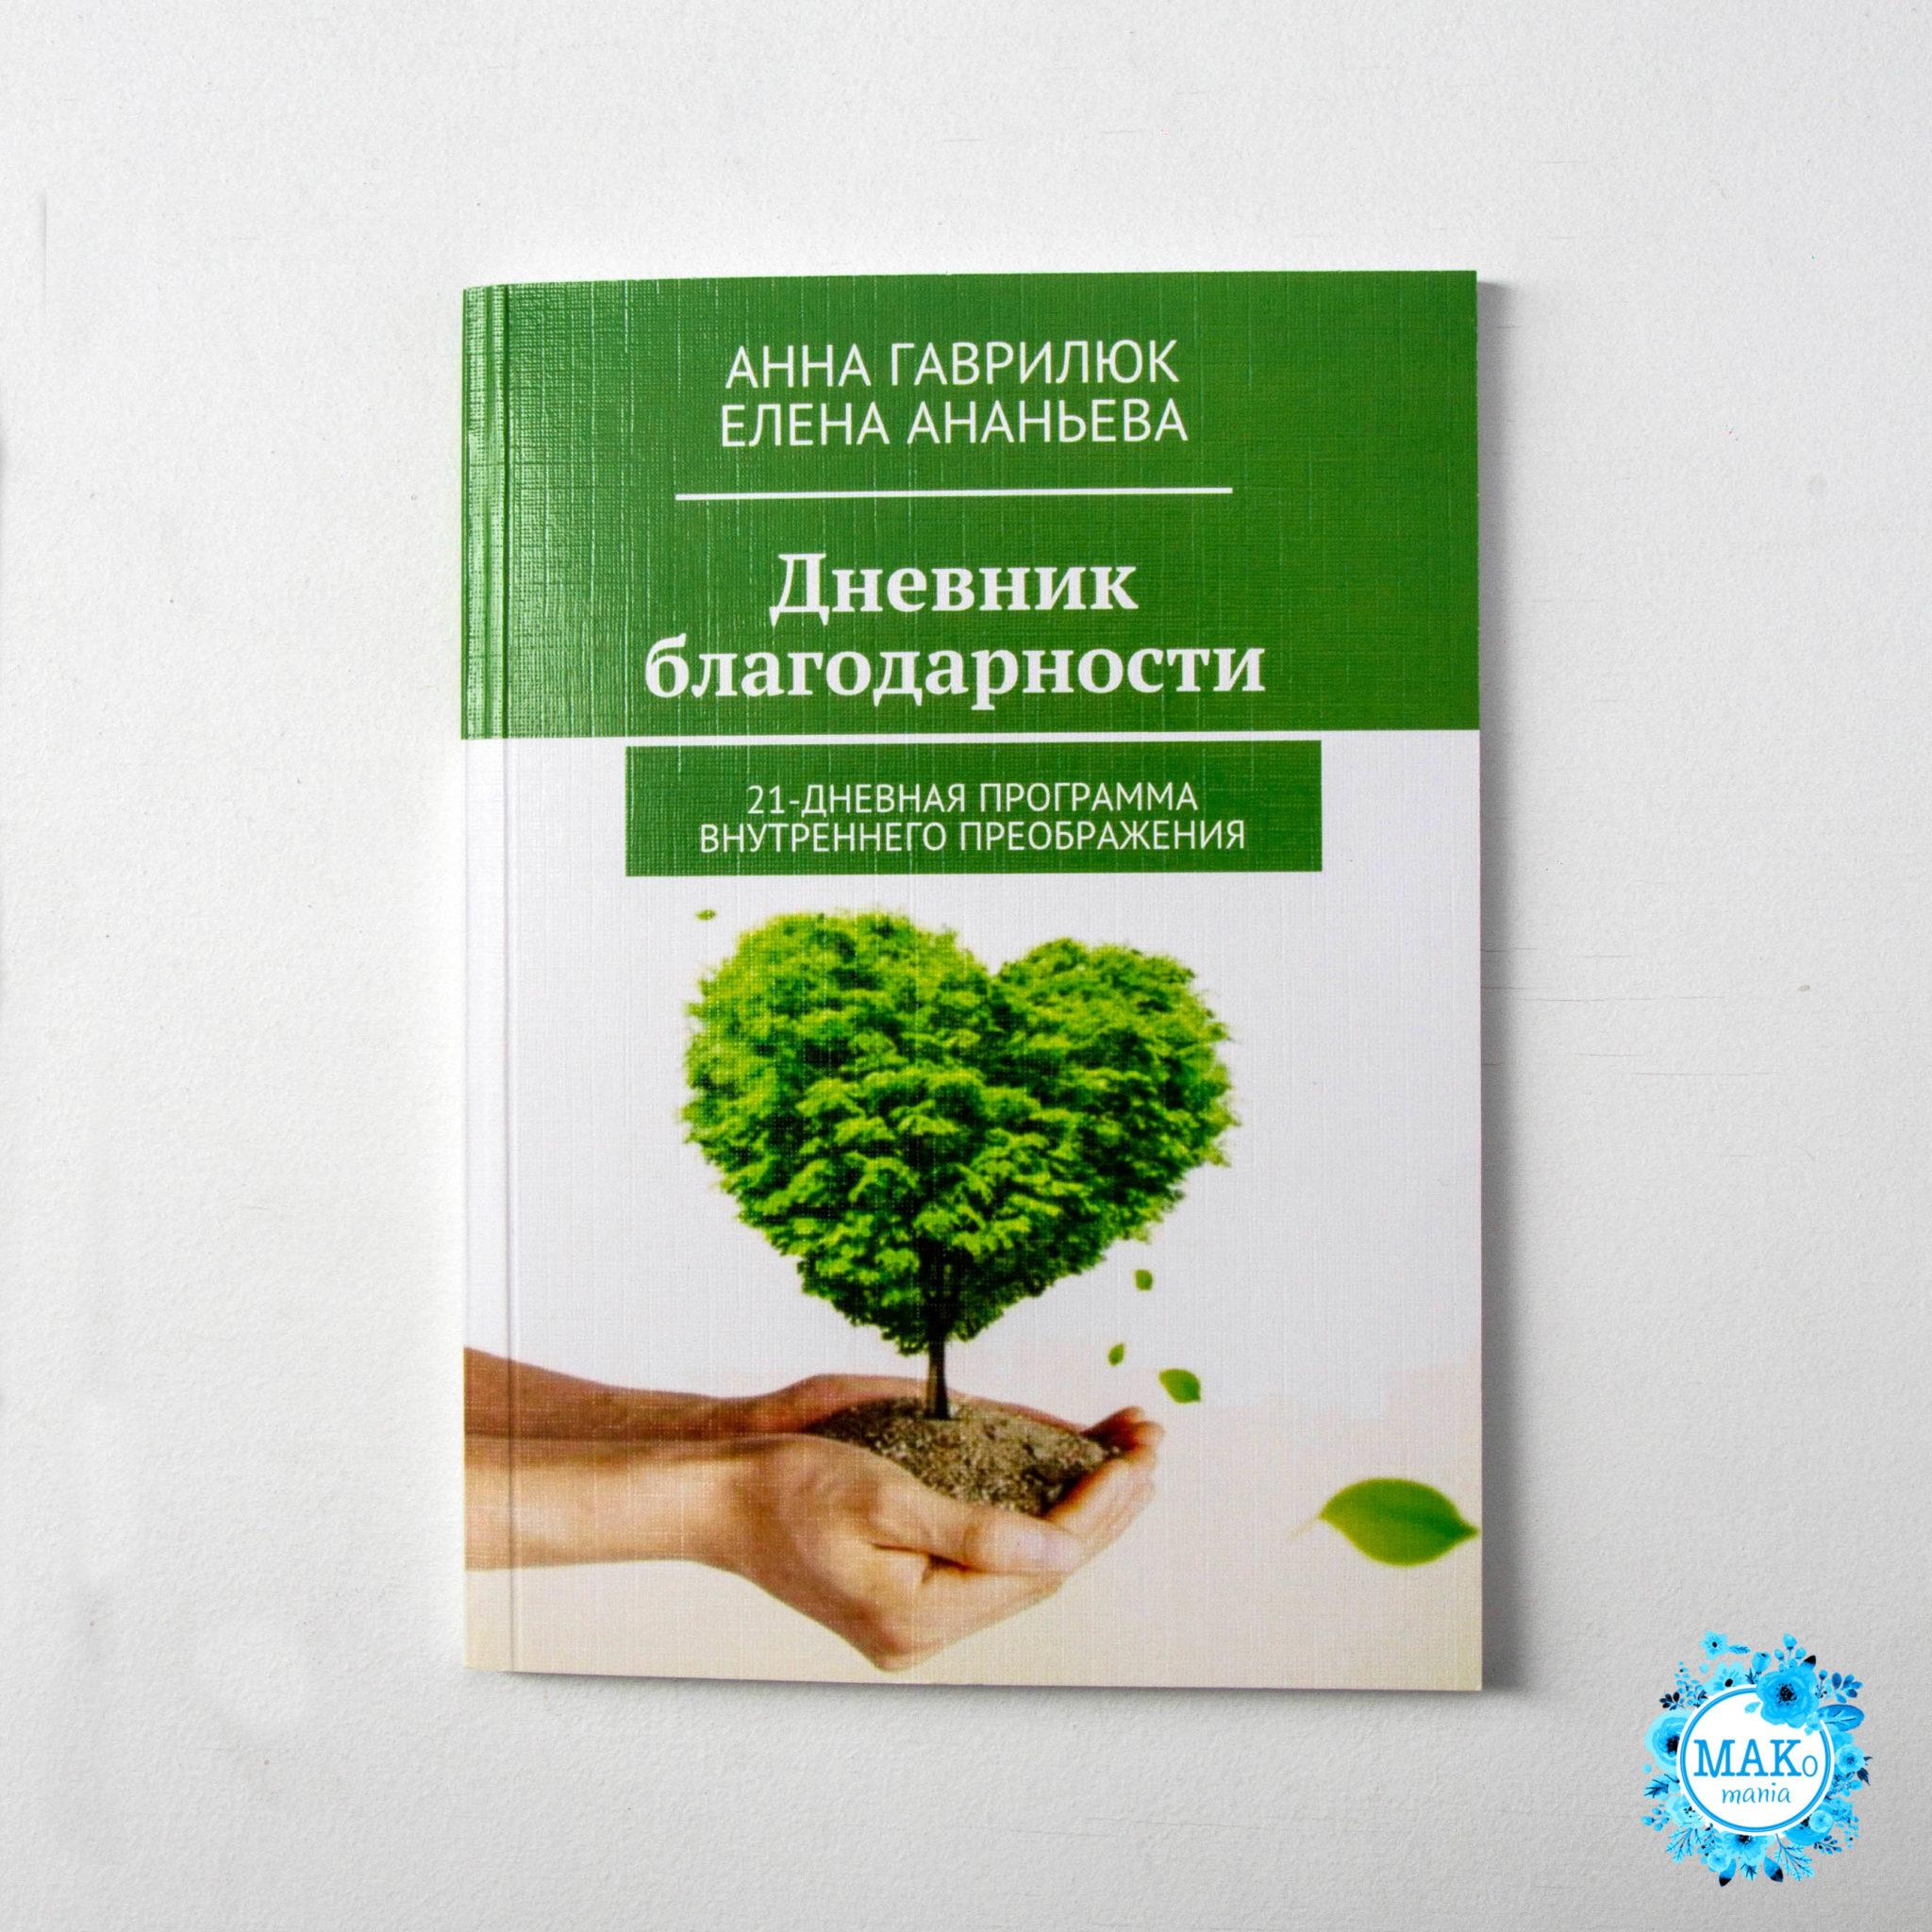 книги МАК,купить литературу по МАК